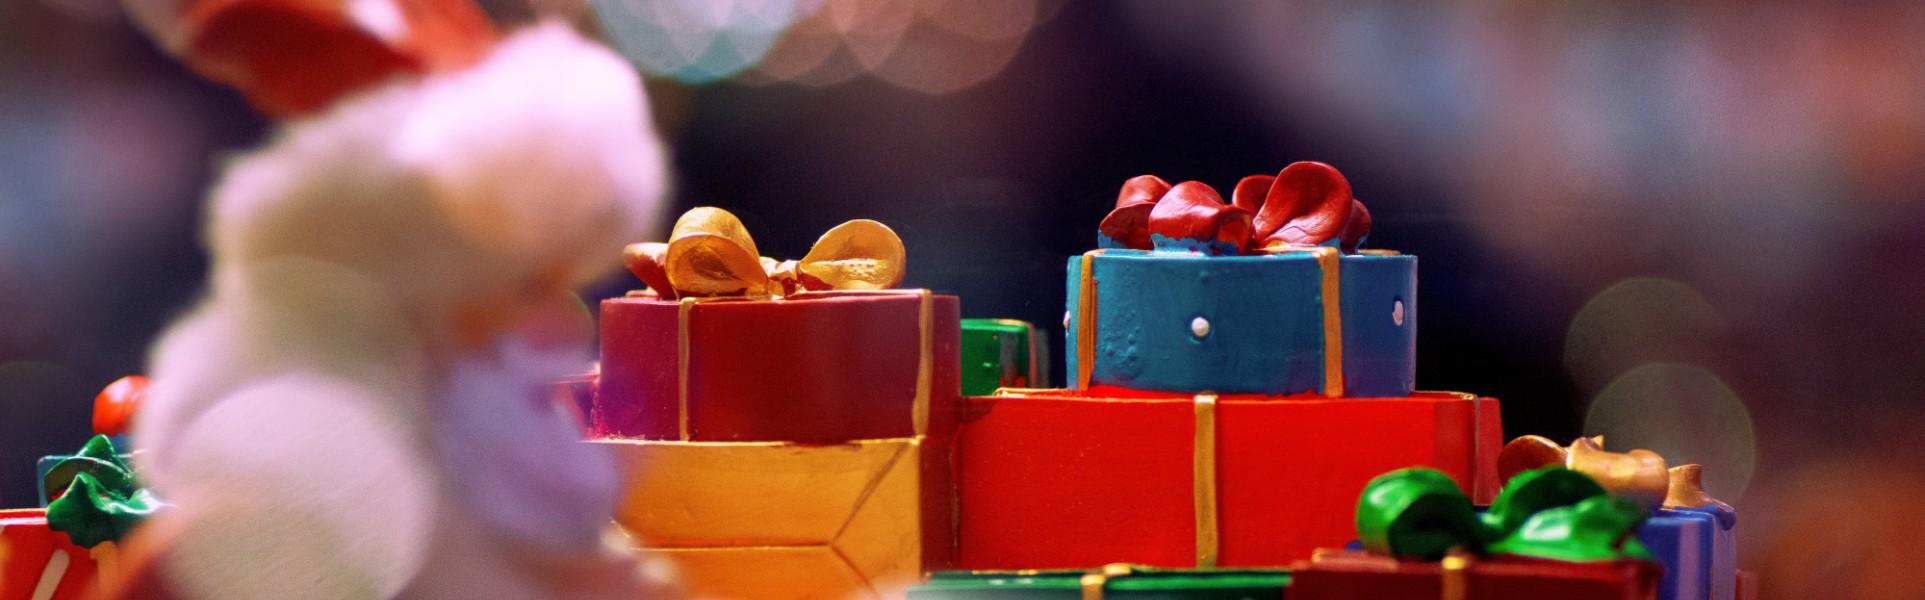 christmas-celebration-2902215-1